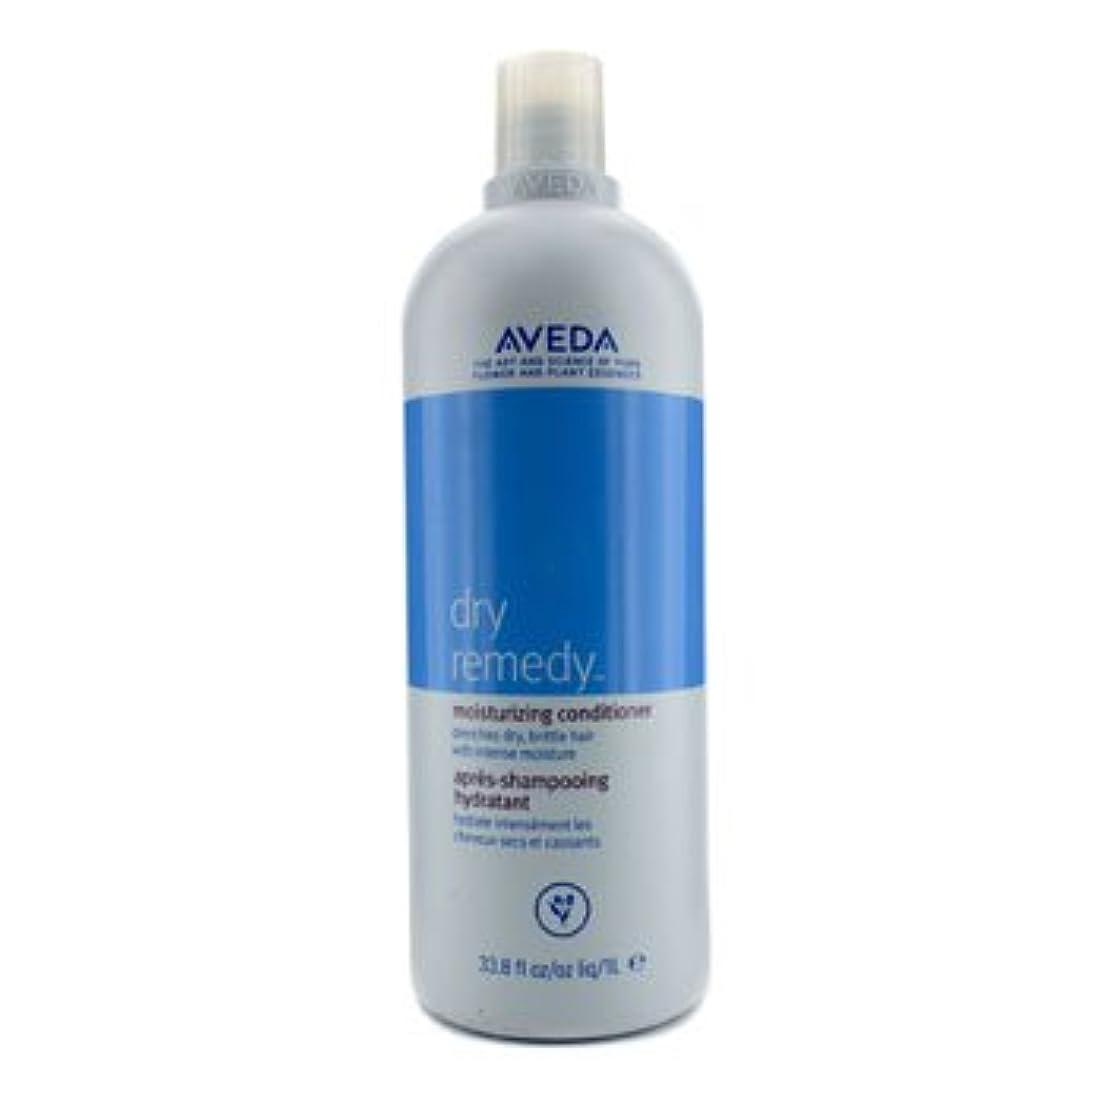 胴体バイパス破滅的な[Aveda] Dry Remedy Moisturizing Conditioner - For Drenches Dry Brittle Hair (New Packaging) 1000ml/33.8oz